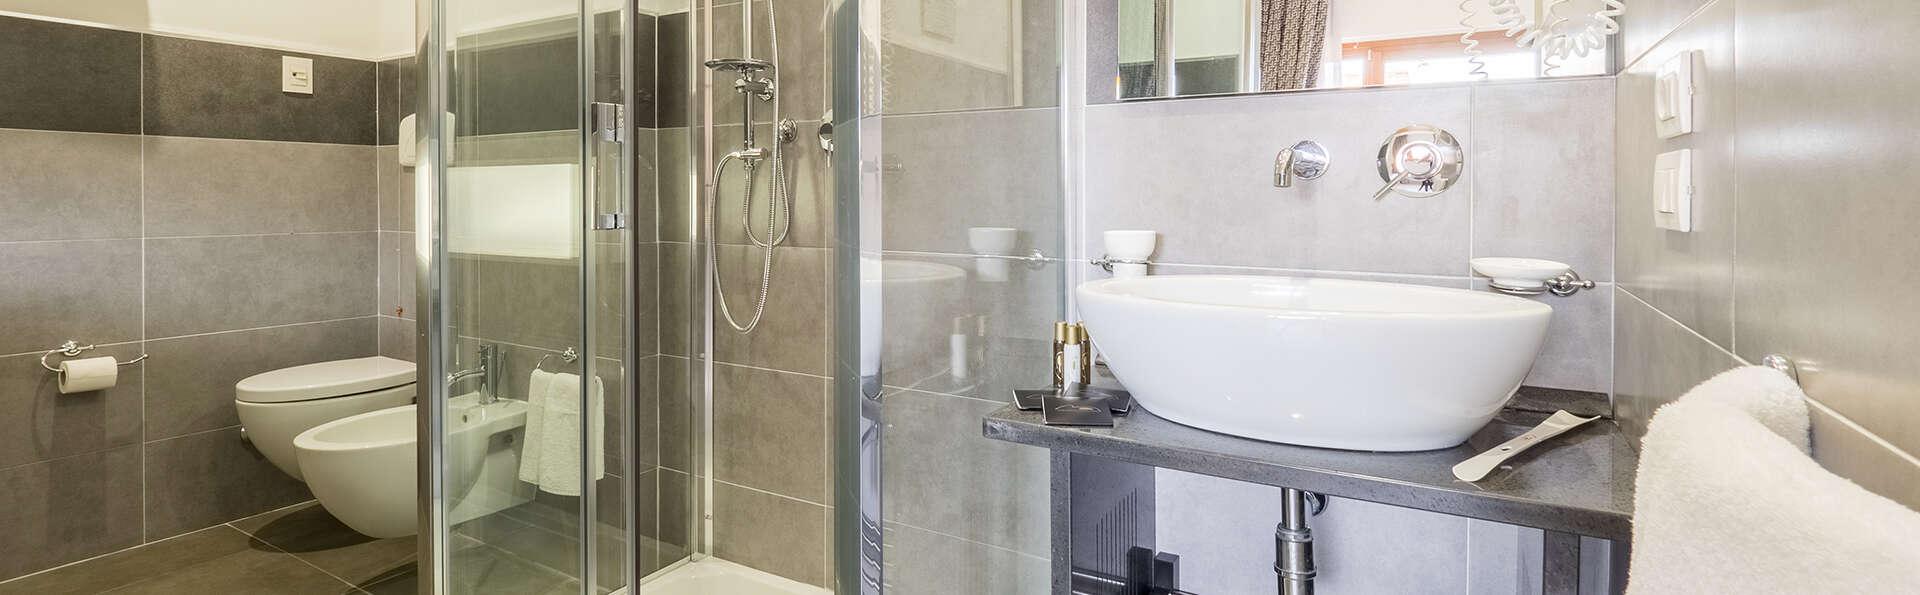 Hotel Montaperti - EDIT_NEW_BATHROOM.jpg